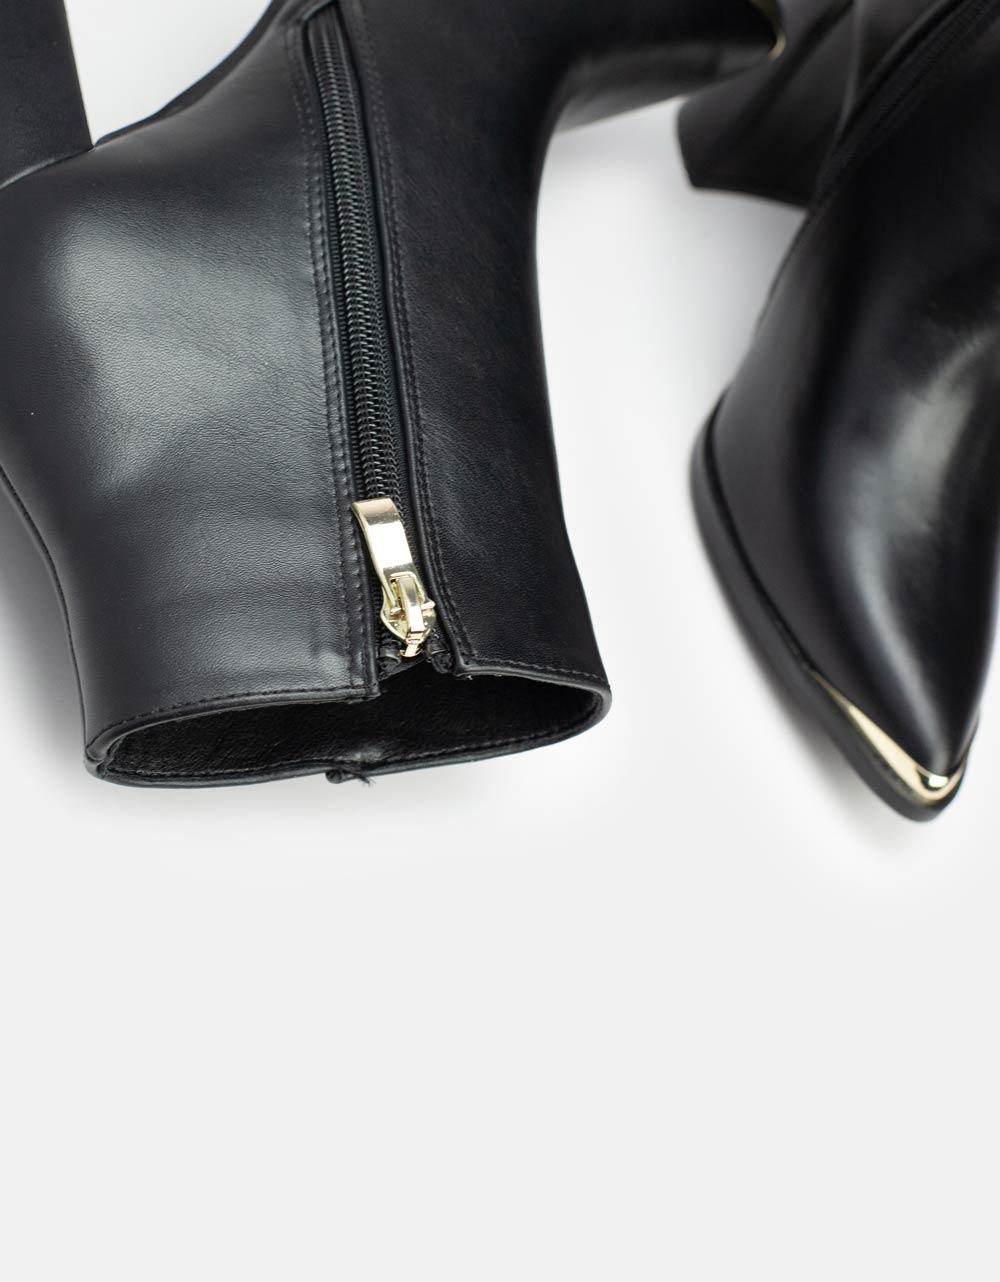 Εικόνα από Γυναικεία μποτάκια με μεταλλικό διακοσμητικό στην μύτη Μαύρο